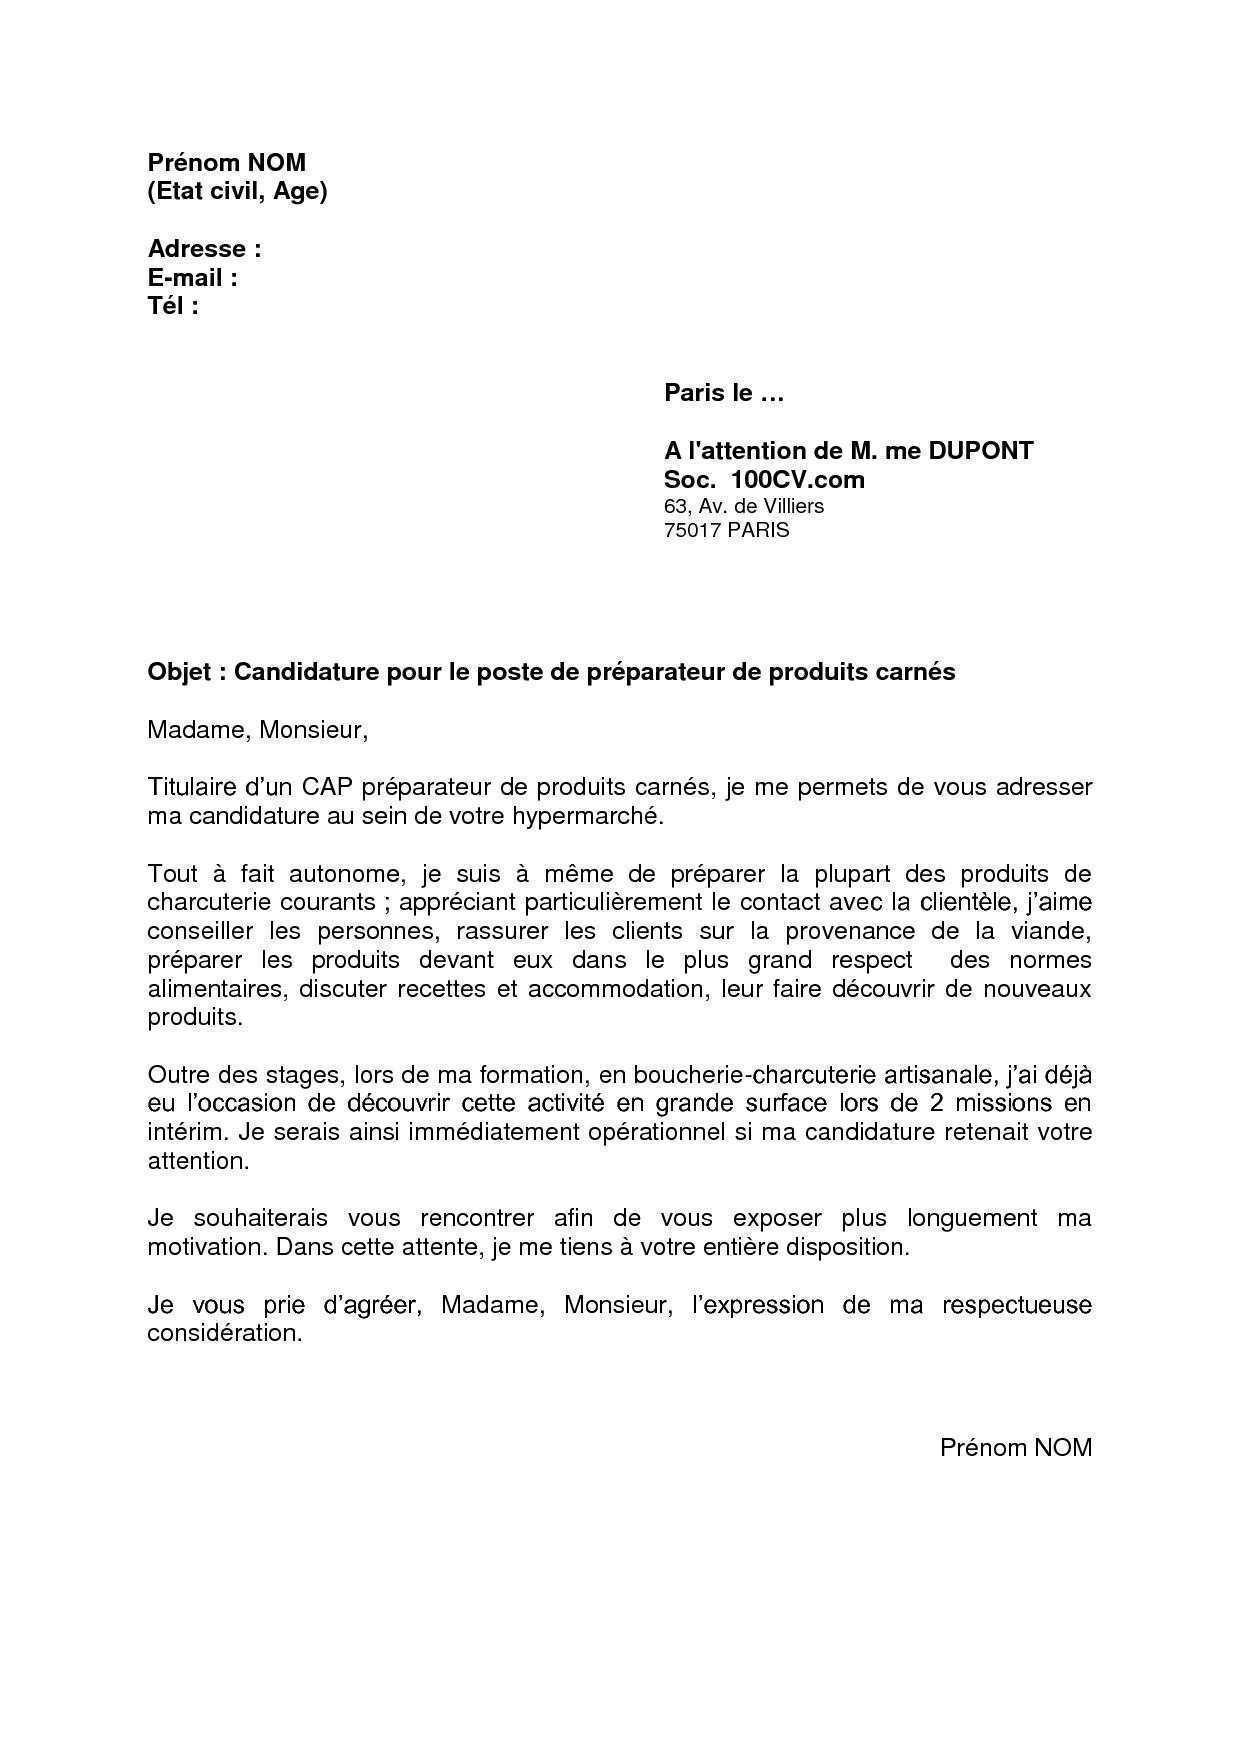 Vendeur polyvalent lettre de motivation - laboite-cv.fr